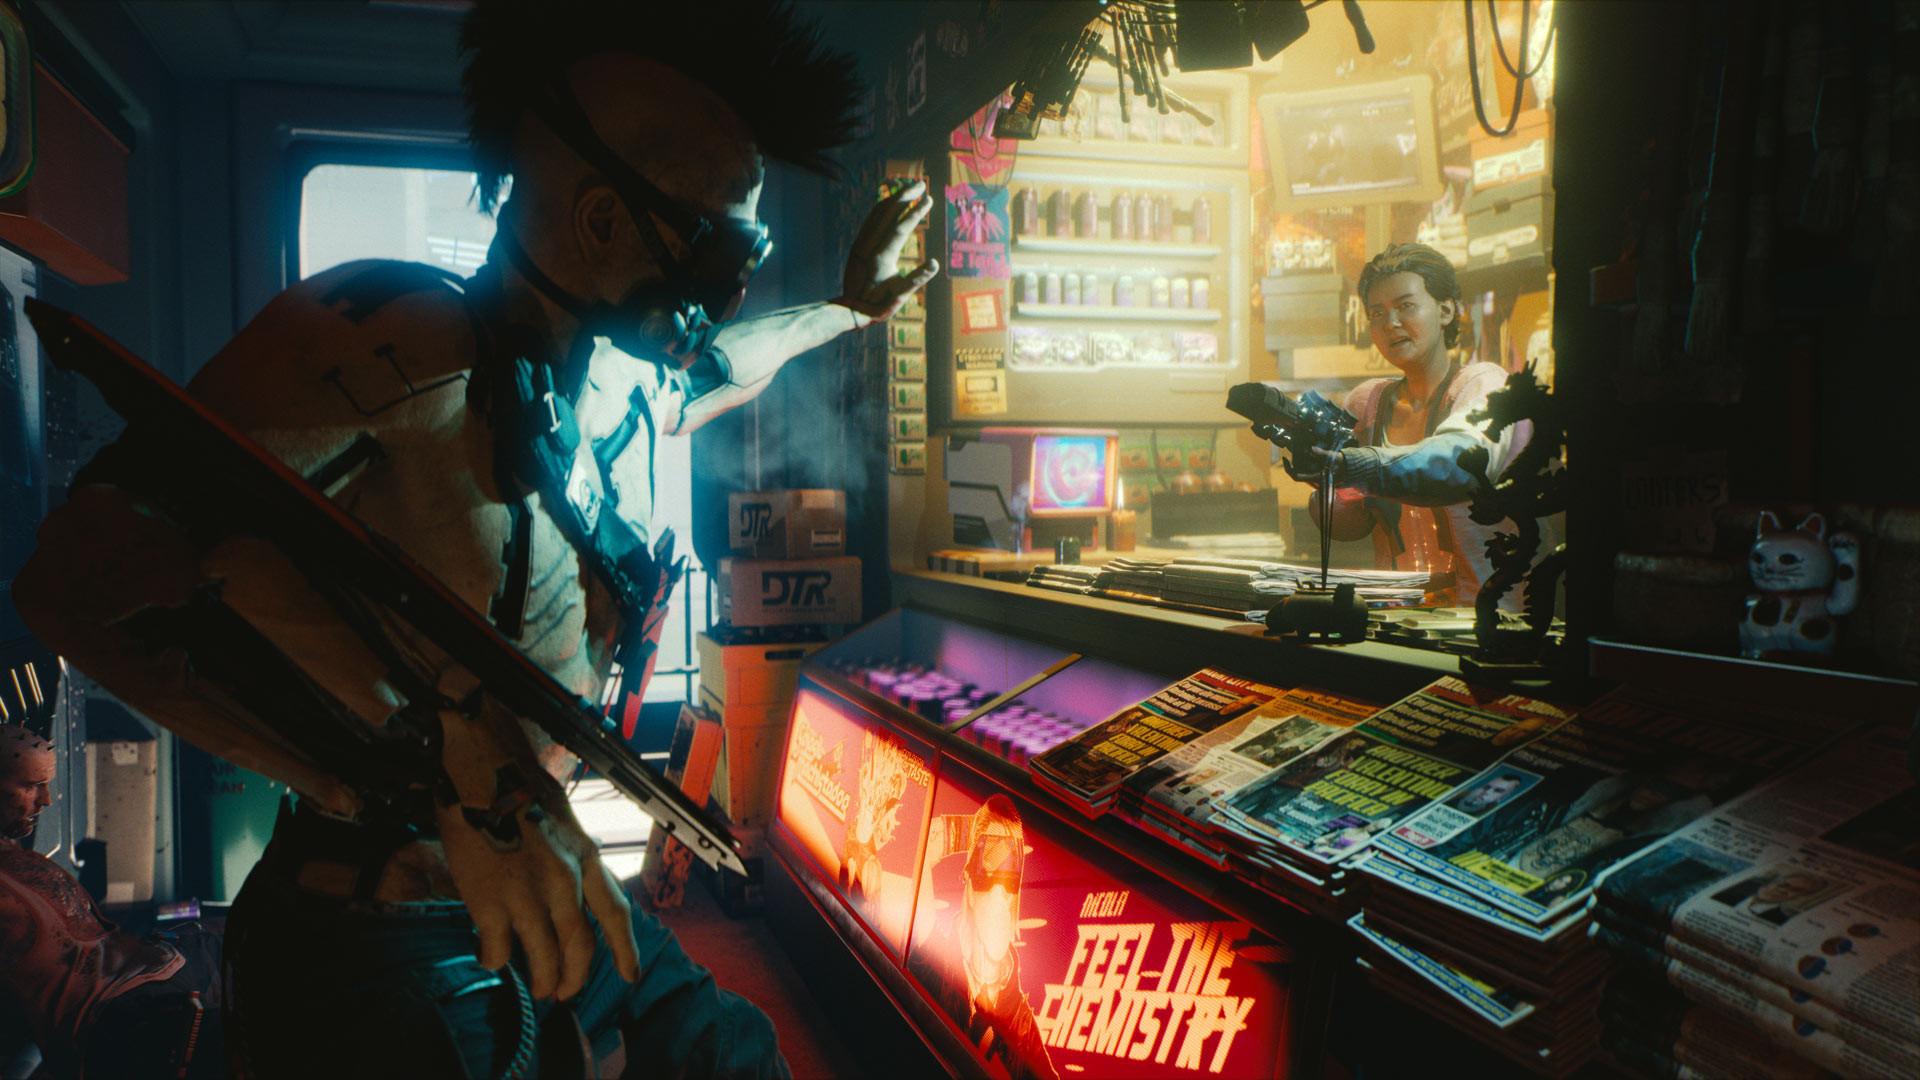 В Cyberpunk 2077 будет виртуальная система, позволяющая людям сбежать от реальности